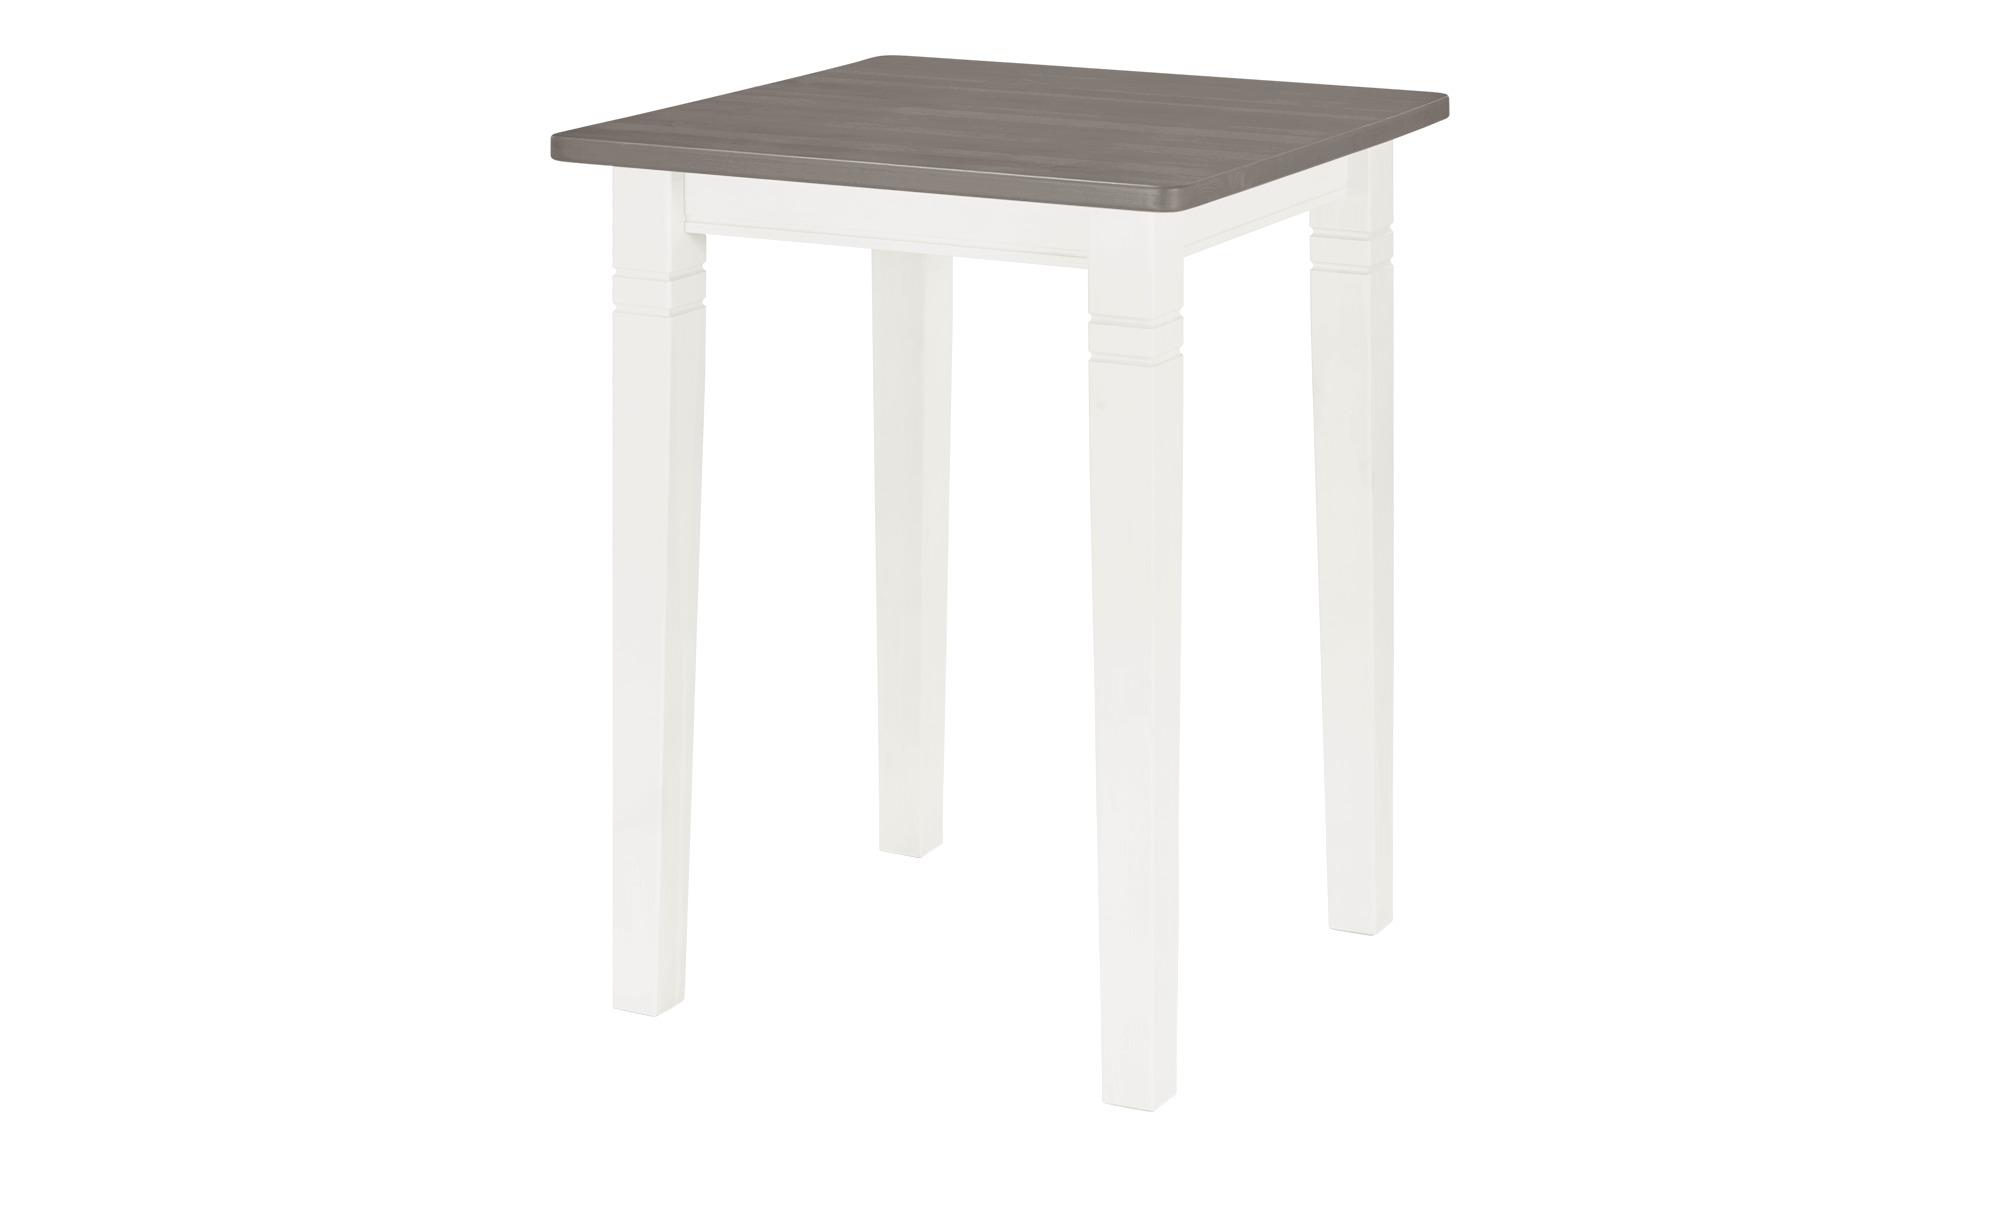 maison bleue Bartisch  Florian ¦ weiß ¦ Maße (cm): B: 78 H: 103 Tische > Bartische - Höffner | Küche und Esszimmer > Bar-Möbel > Bar-Stehtische | Möbel Höffner DE